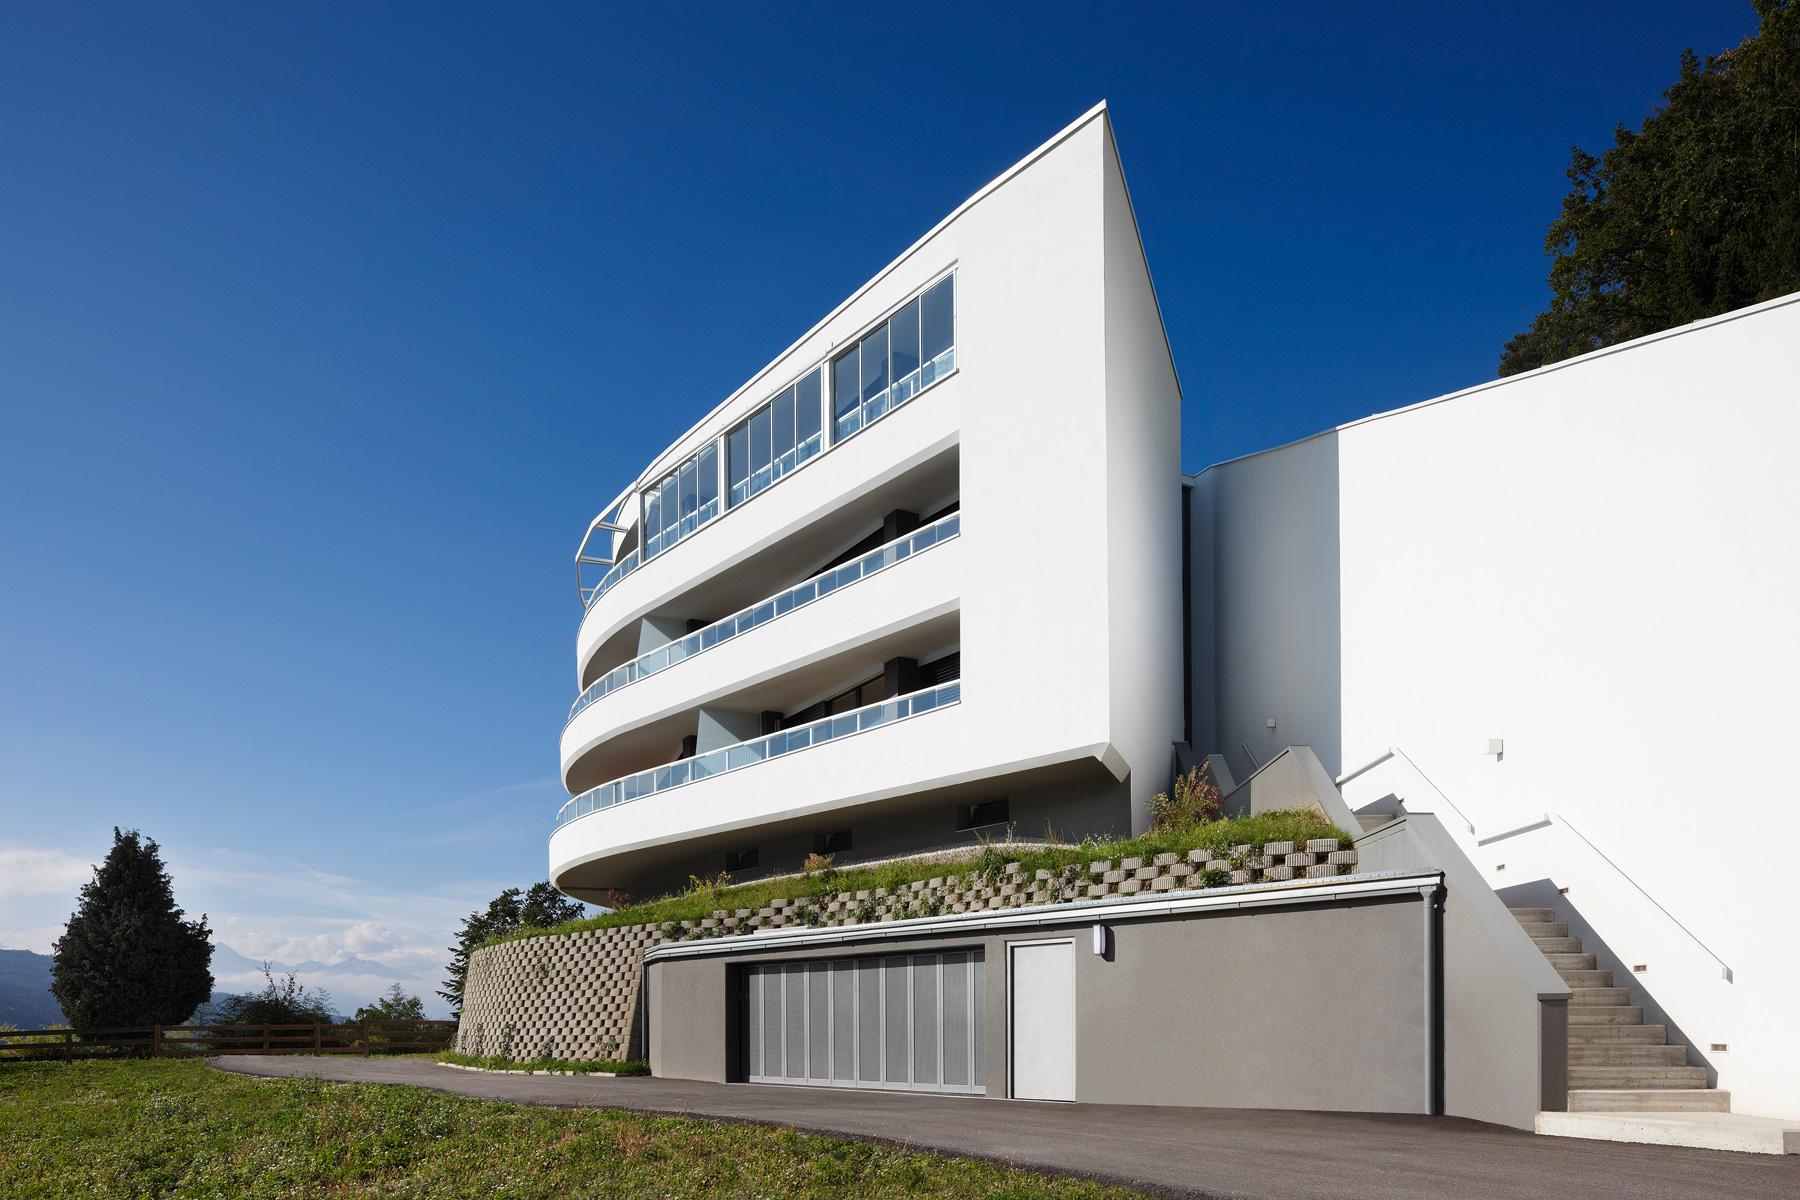 A01 architects - Sonnenvillen_(c)Philipp_Kreidl_DS_0464_e - web05